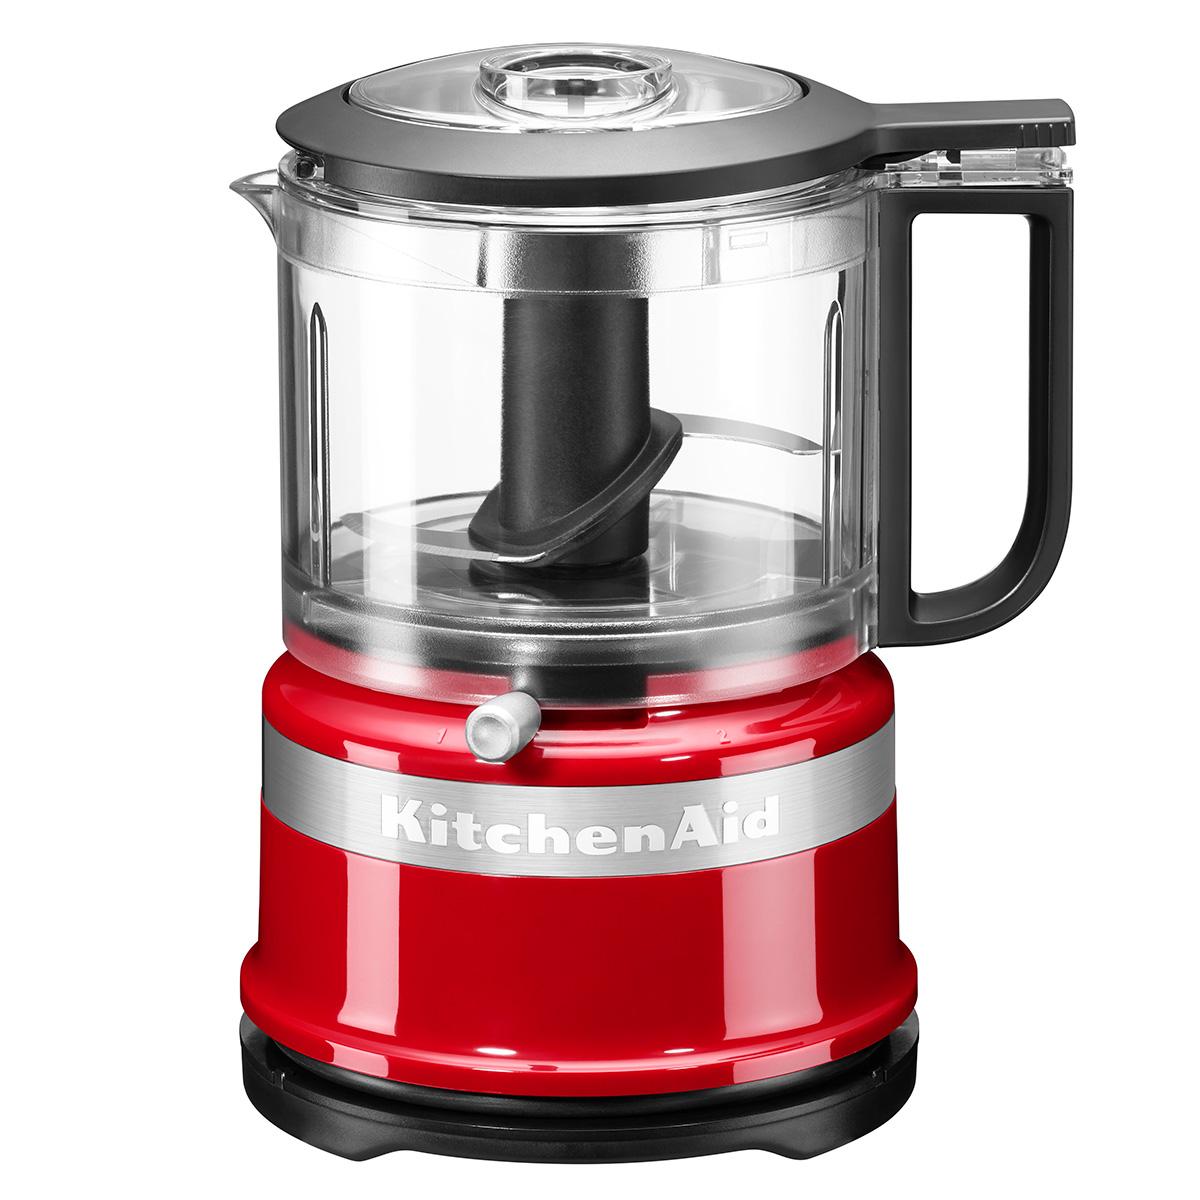 KitchenAid mini-foodprocessor - Classic - Rød